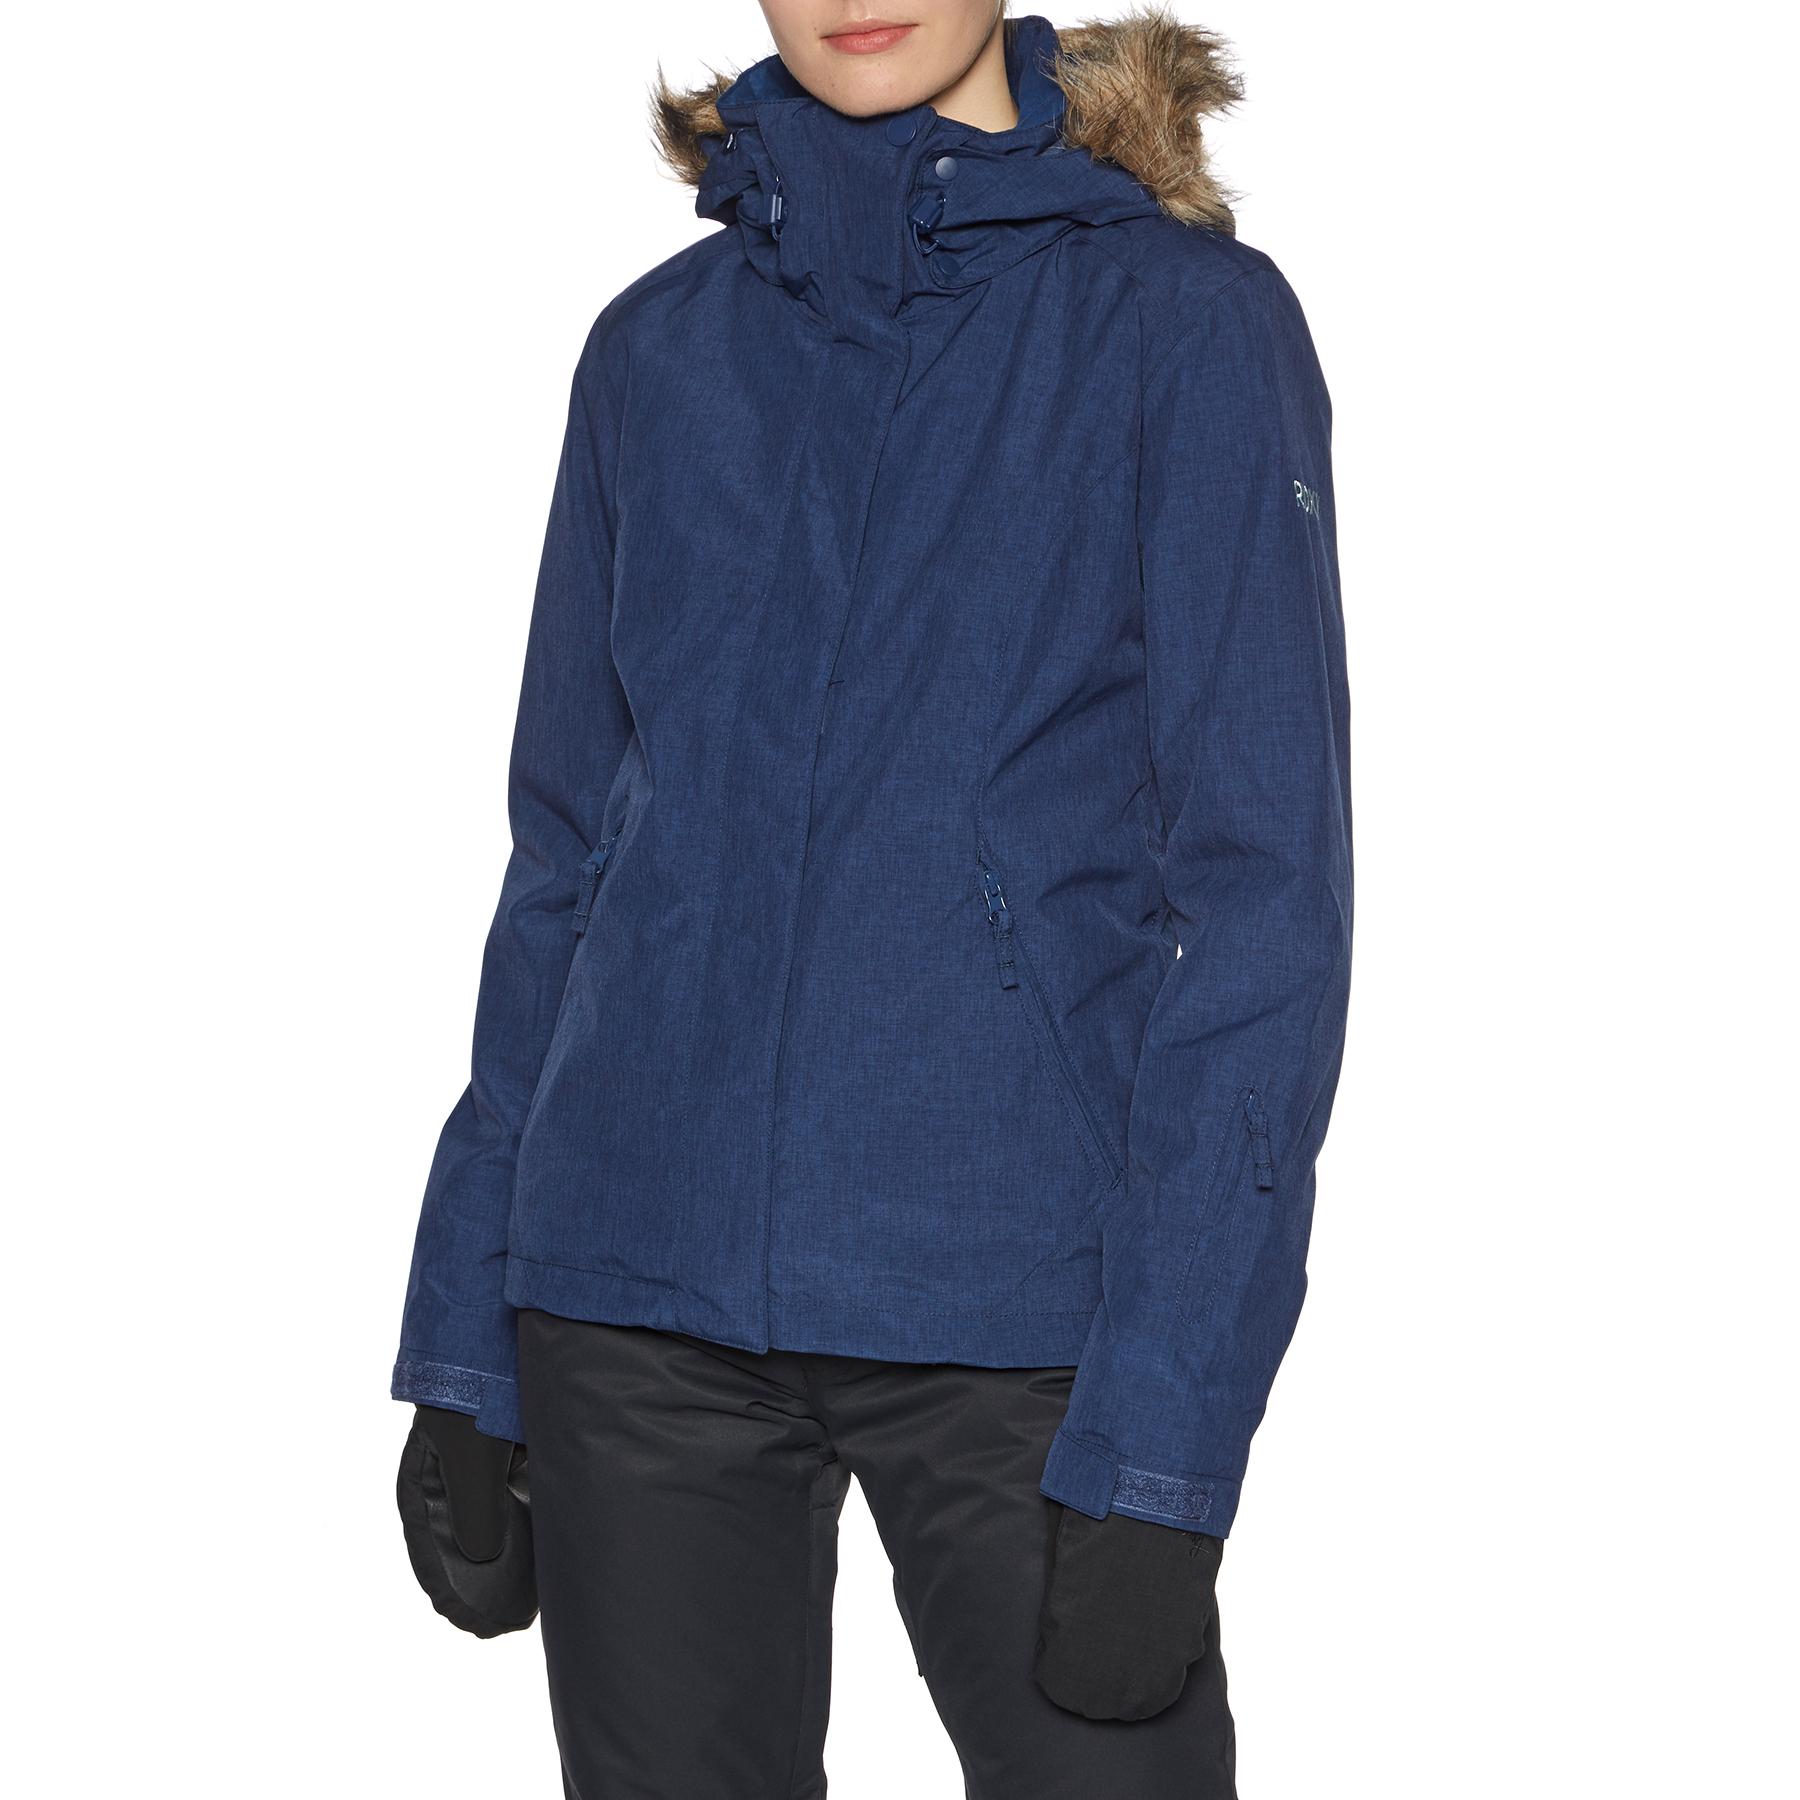 Roxy Jet Ski Solid Snowboardjacke für Damen Blau